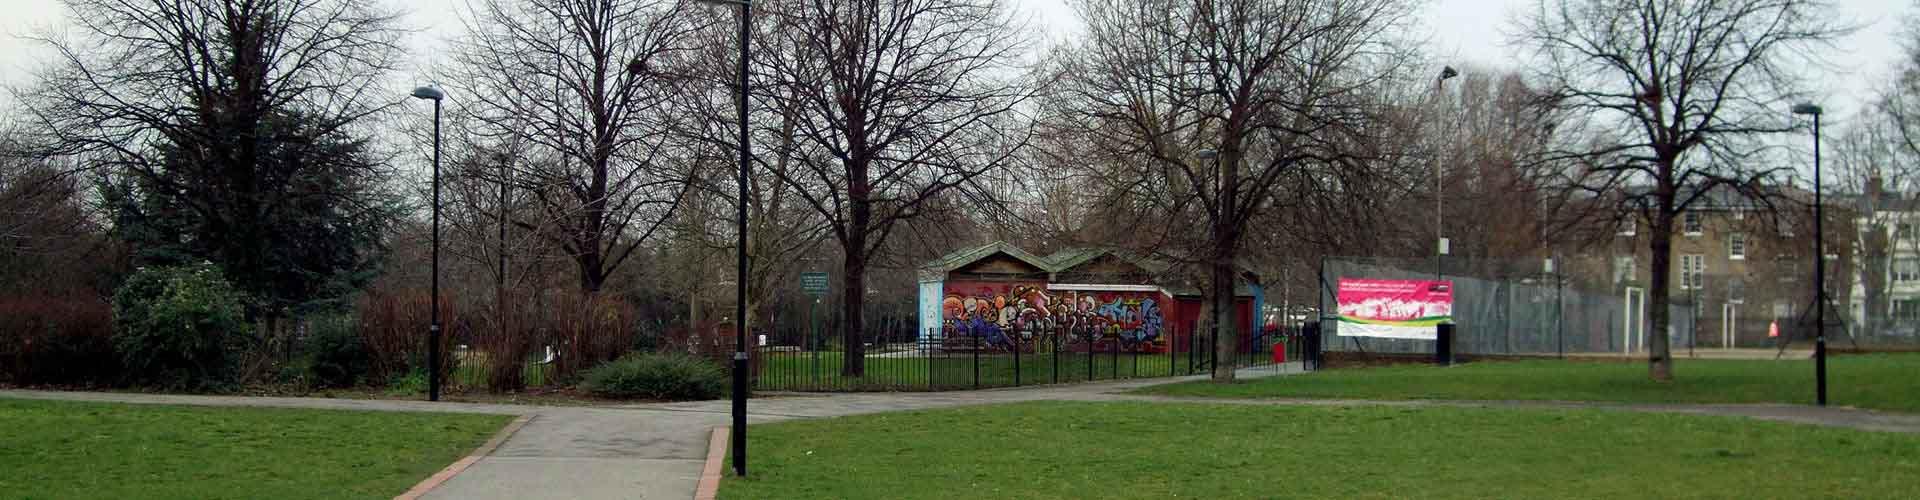 Lontoo – Hostellit kaupungiosassa Borough of Islington. Lontoo -karttoja, valokuvia ja arvosteluja kaikista Lontoo -hostelleista.